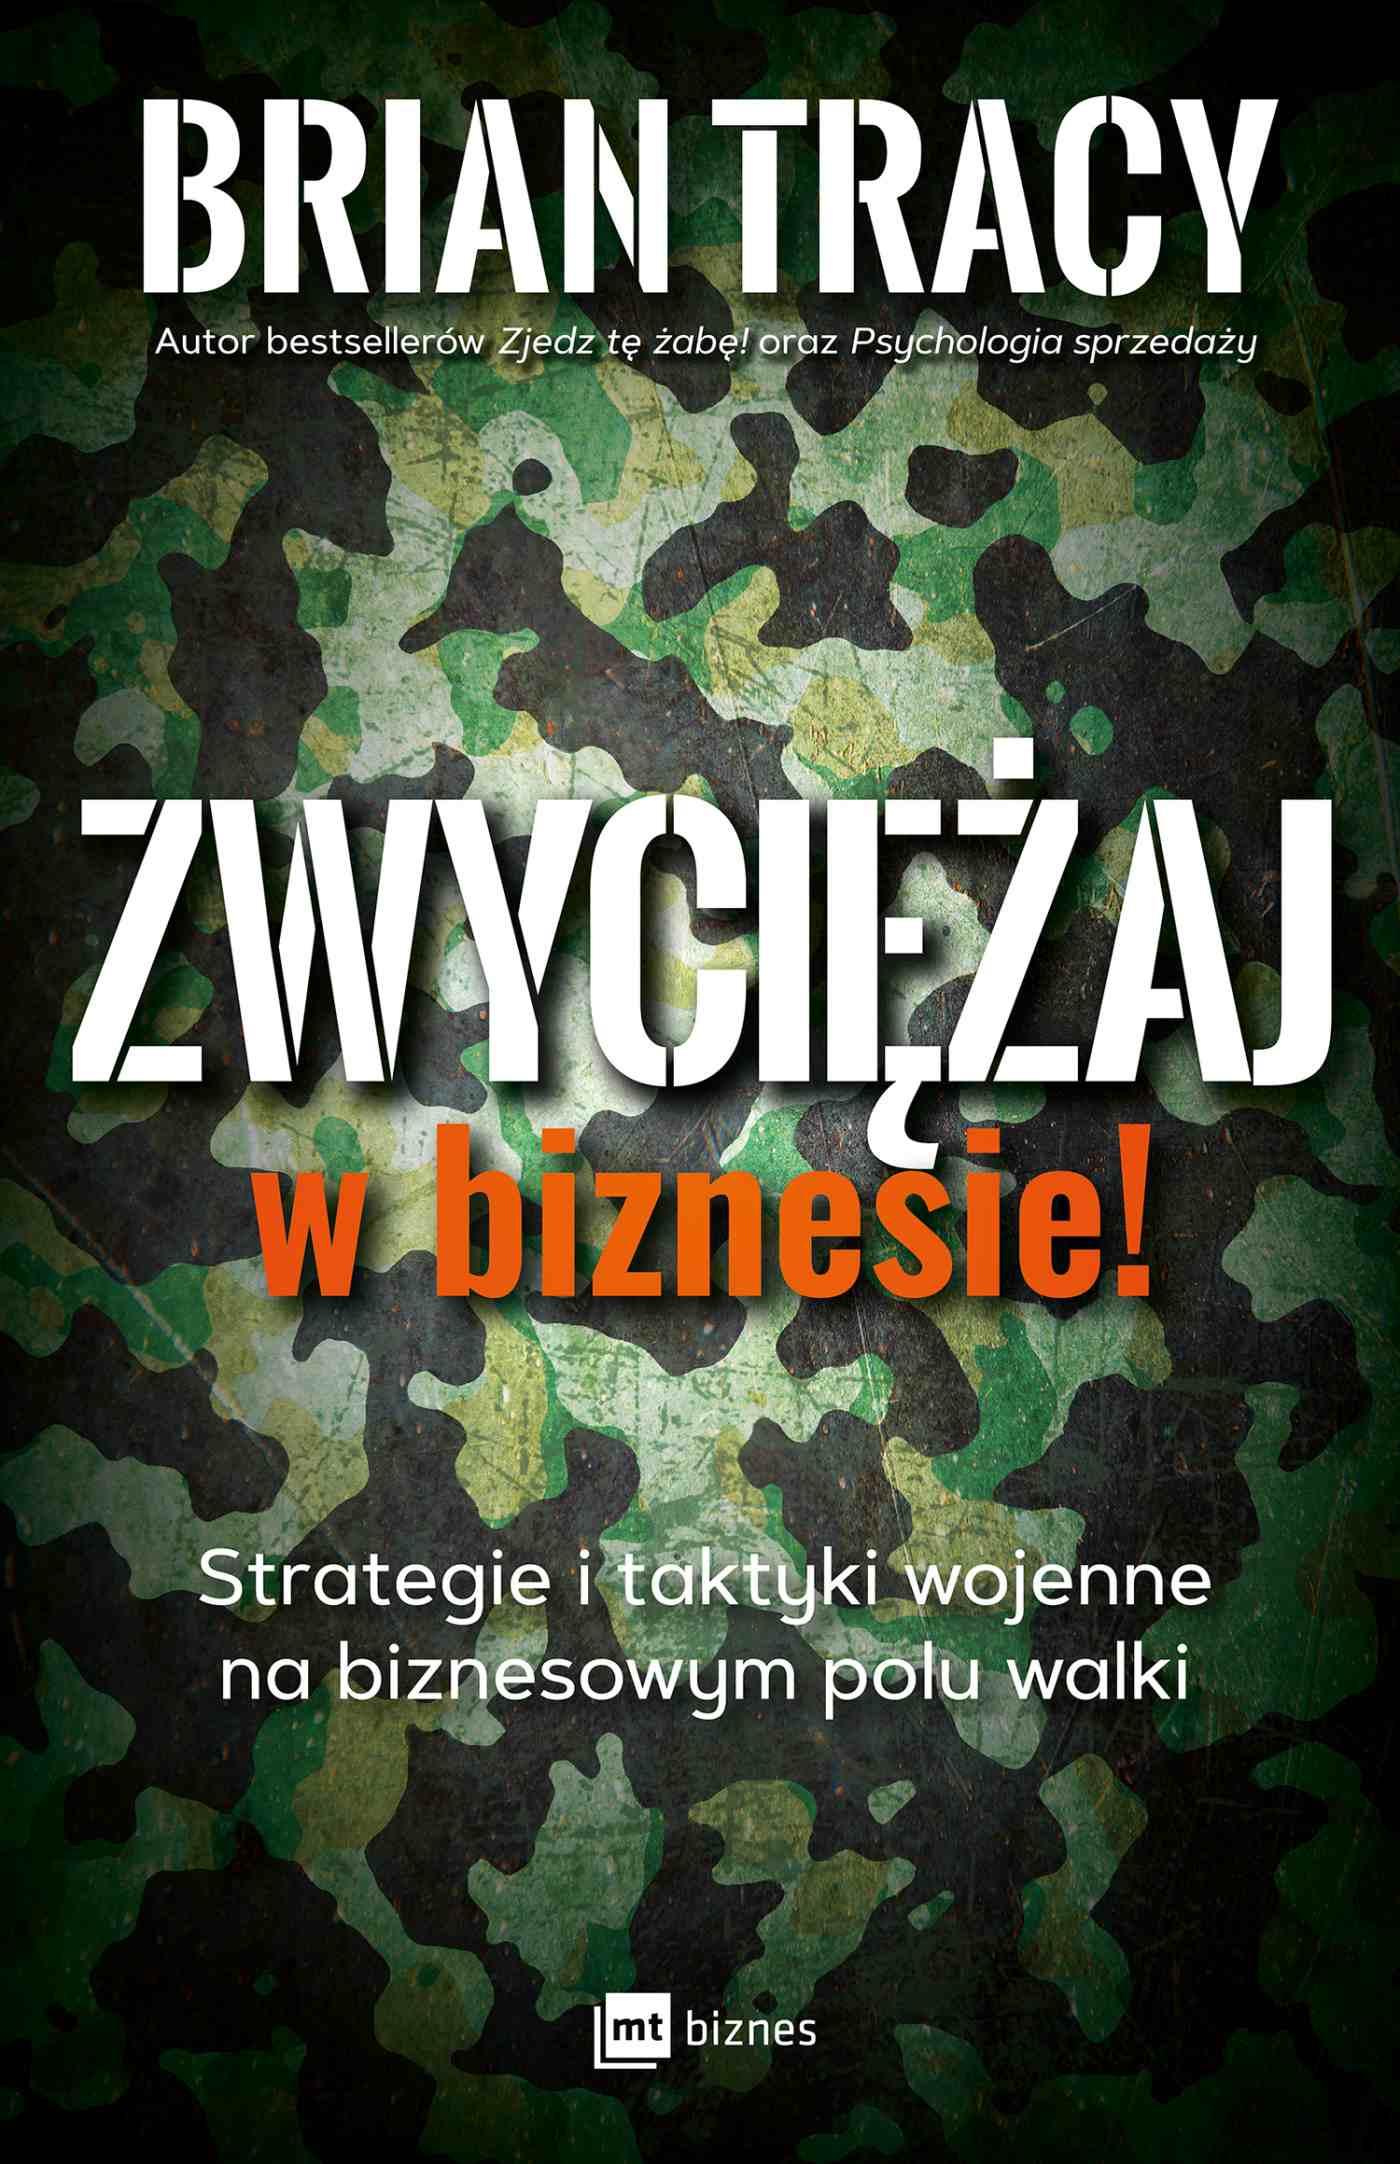 Zwyciężaj w biznesie! Strategie i taktyki wojenne na biznesowym polu walki - Audiobook (Książka audio MP3) do pobrania w całości w archiwum ZIP